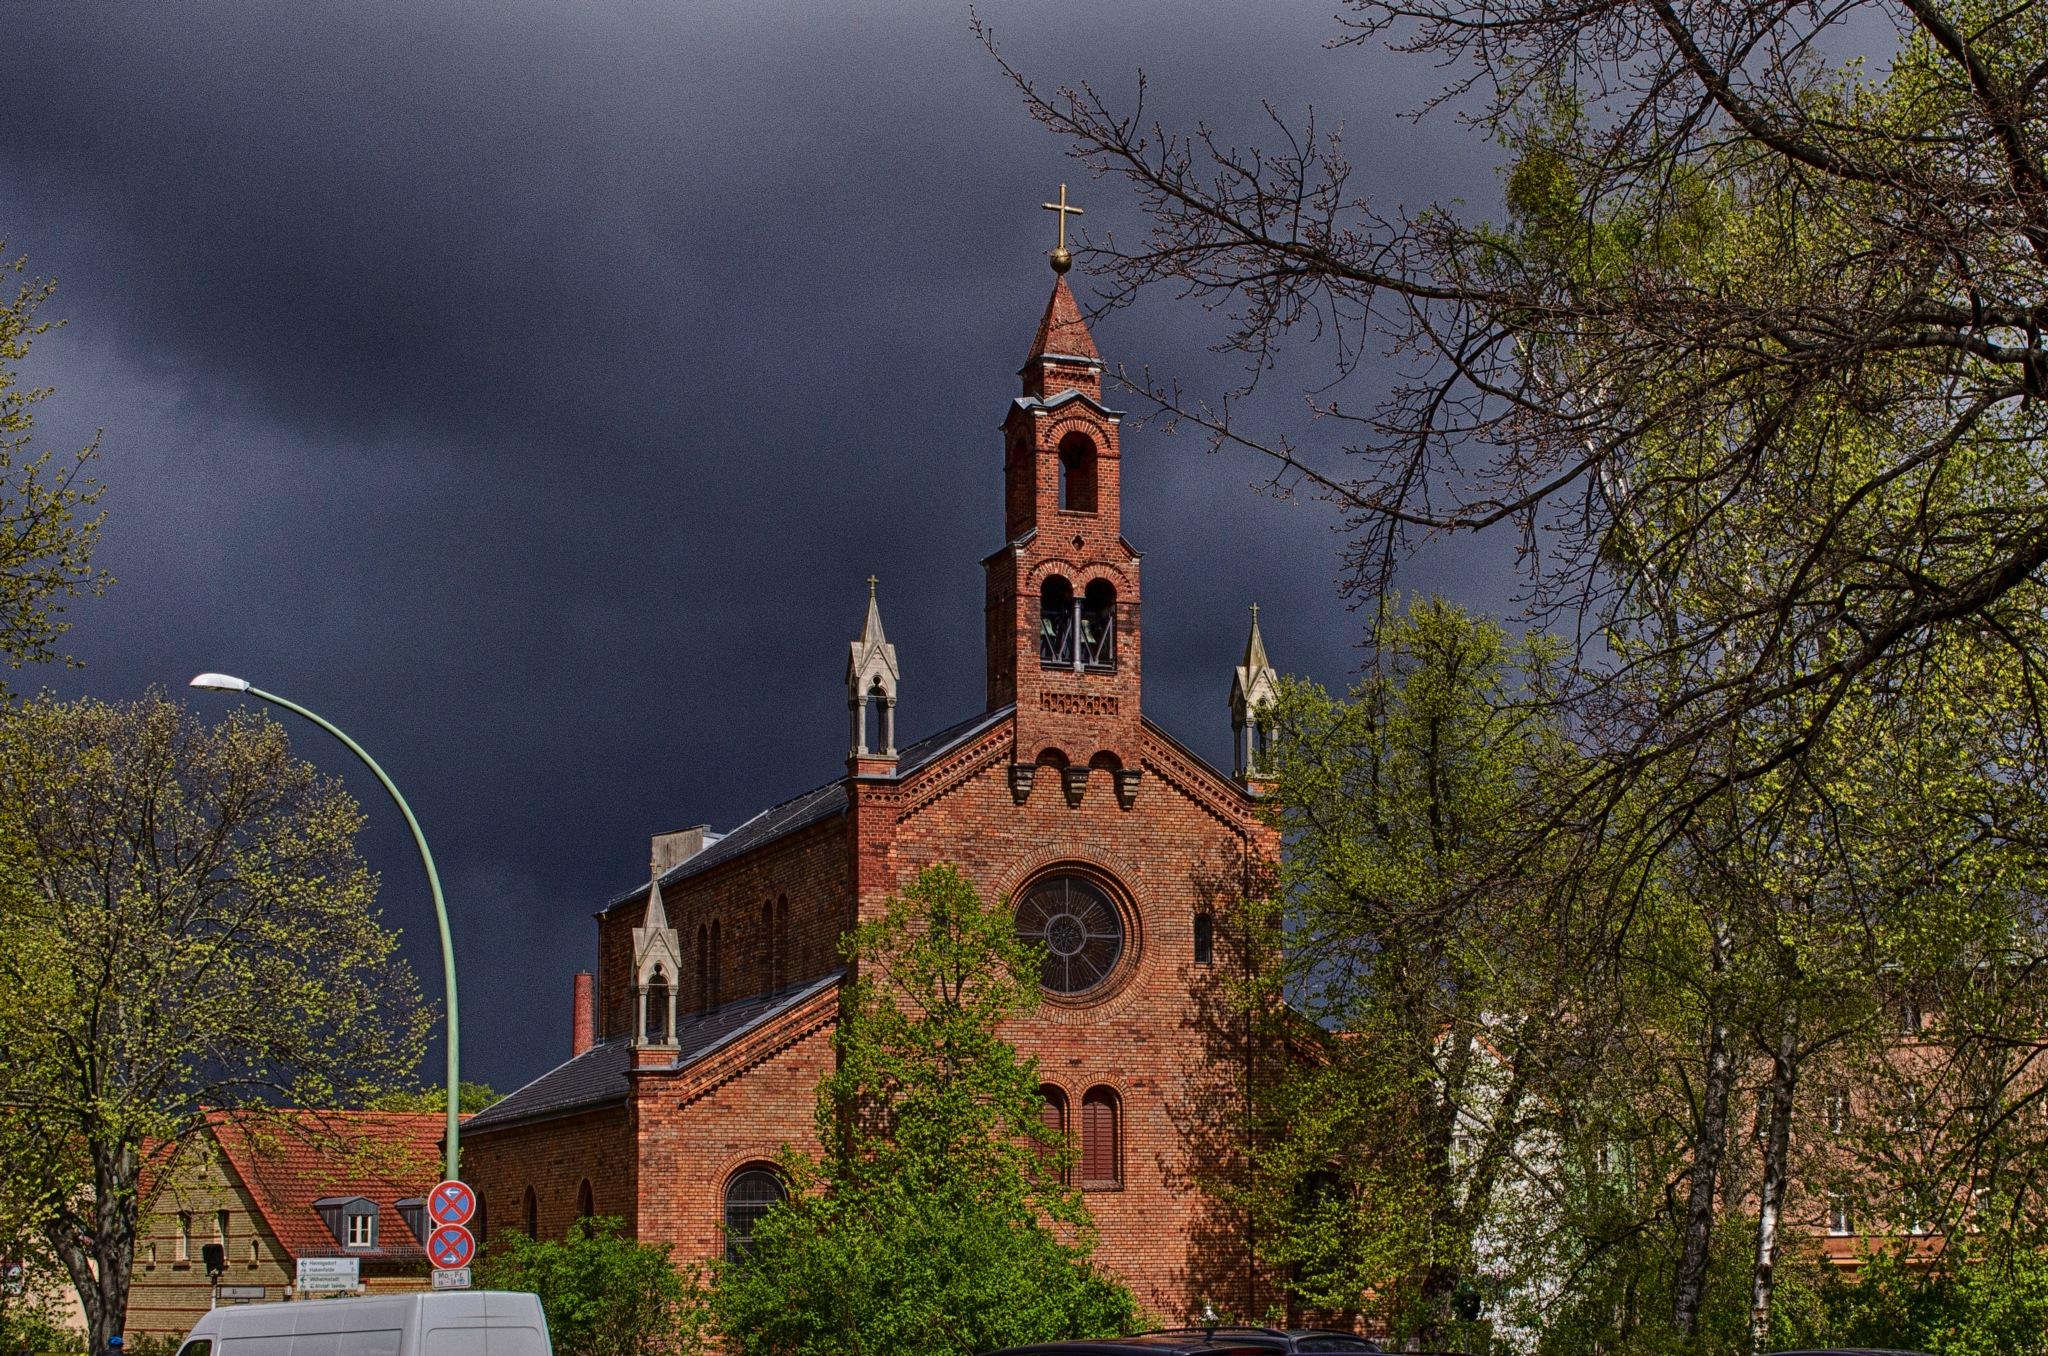 St. Marienkirche by Stathis Karatzas